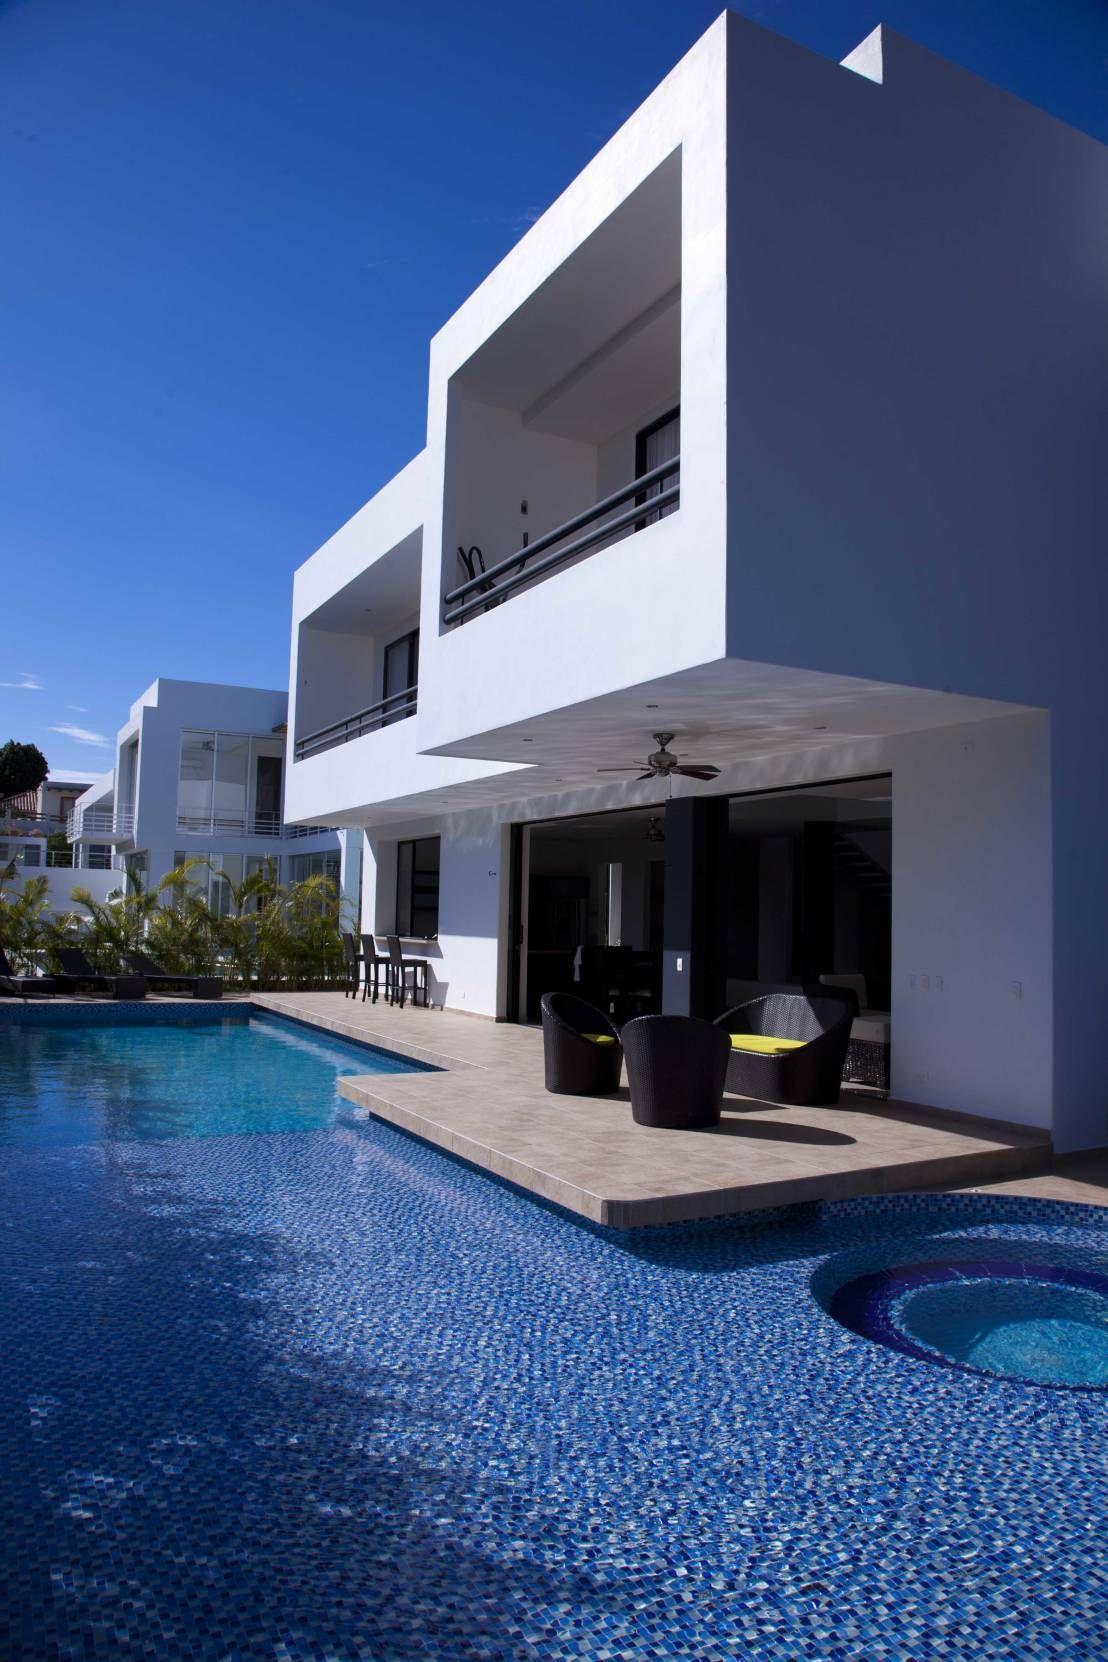 Das Haus Das Alles Hat Echte Traumhauser Pinterest House